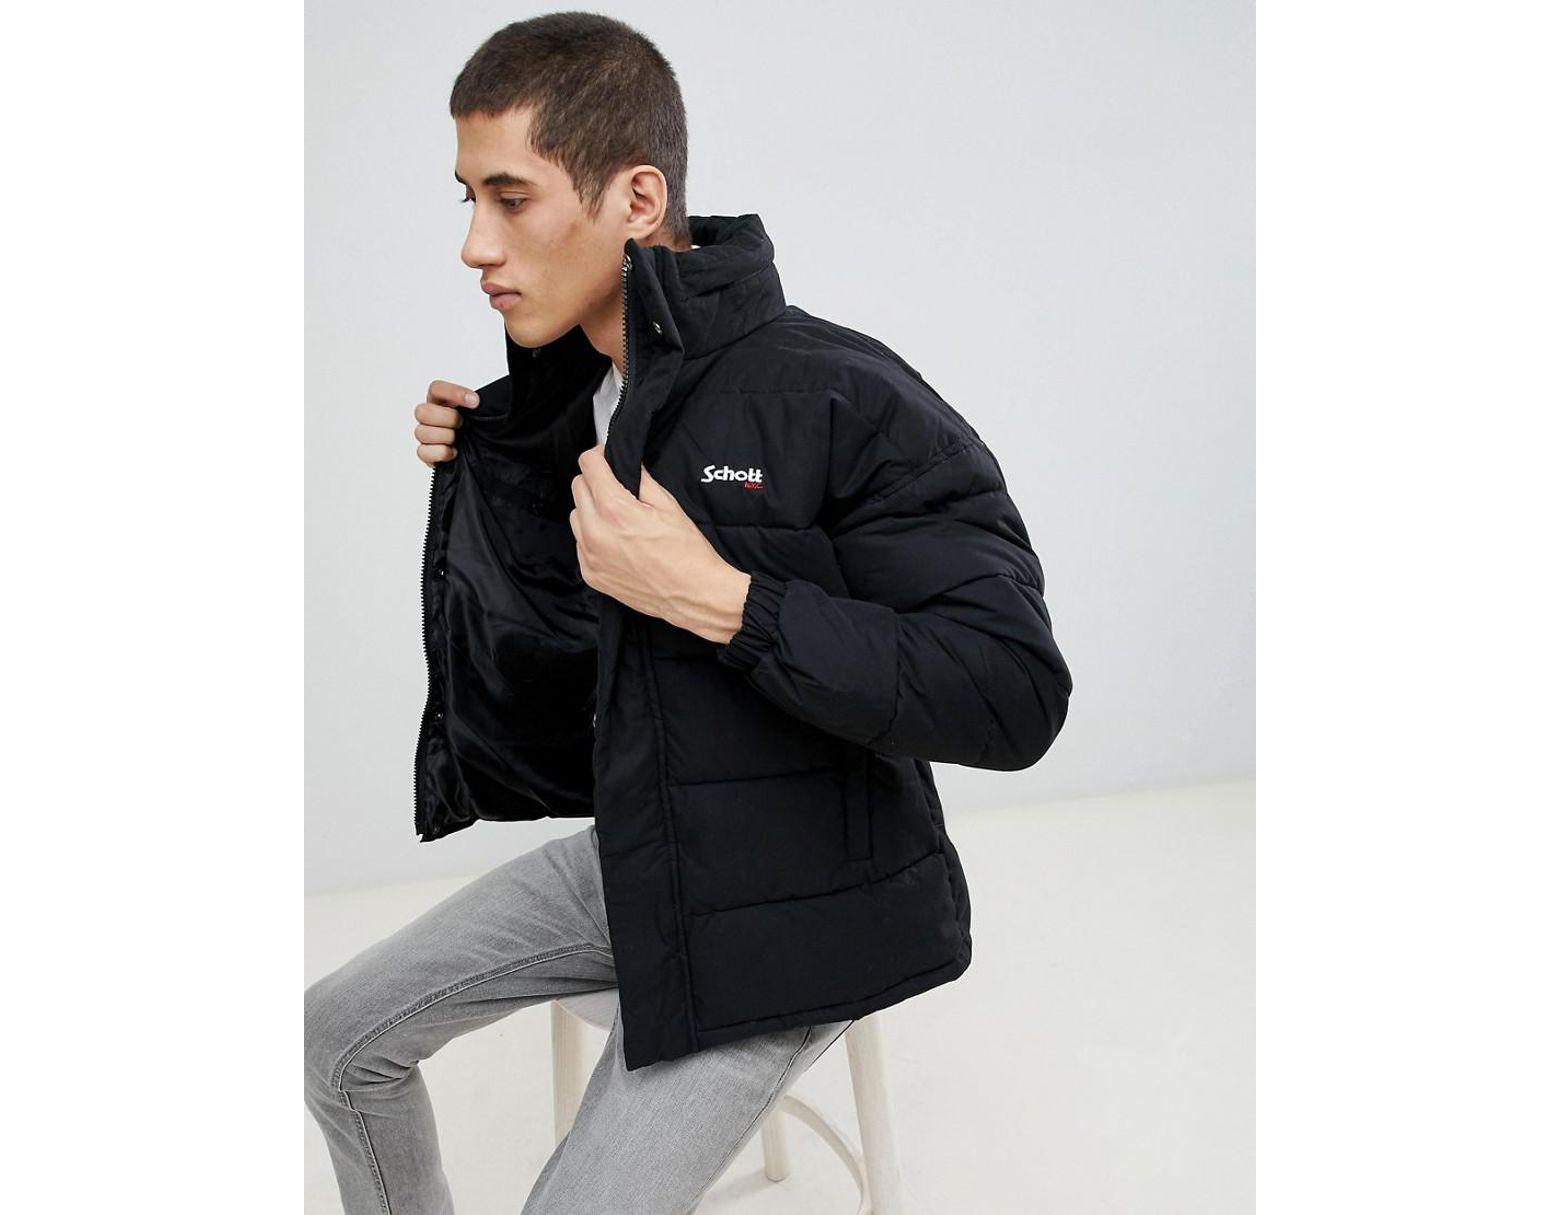 feb7fd394 Men's Nebraska Puffer Jacket Stowaway Hood Regular Fit In Black